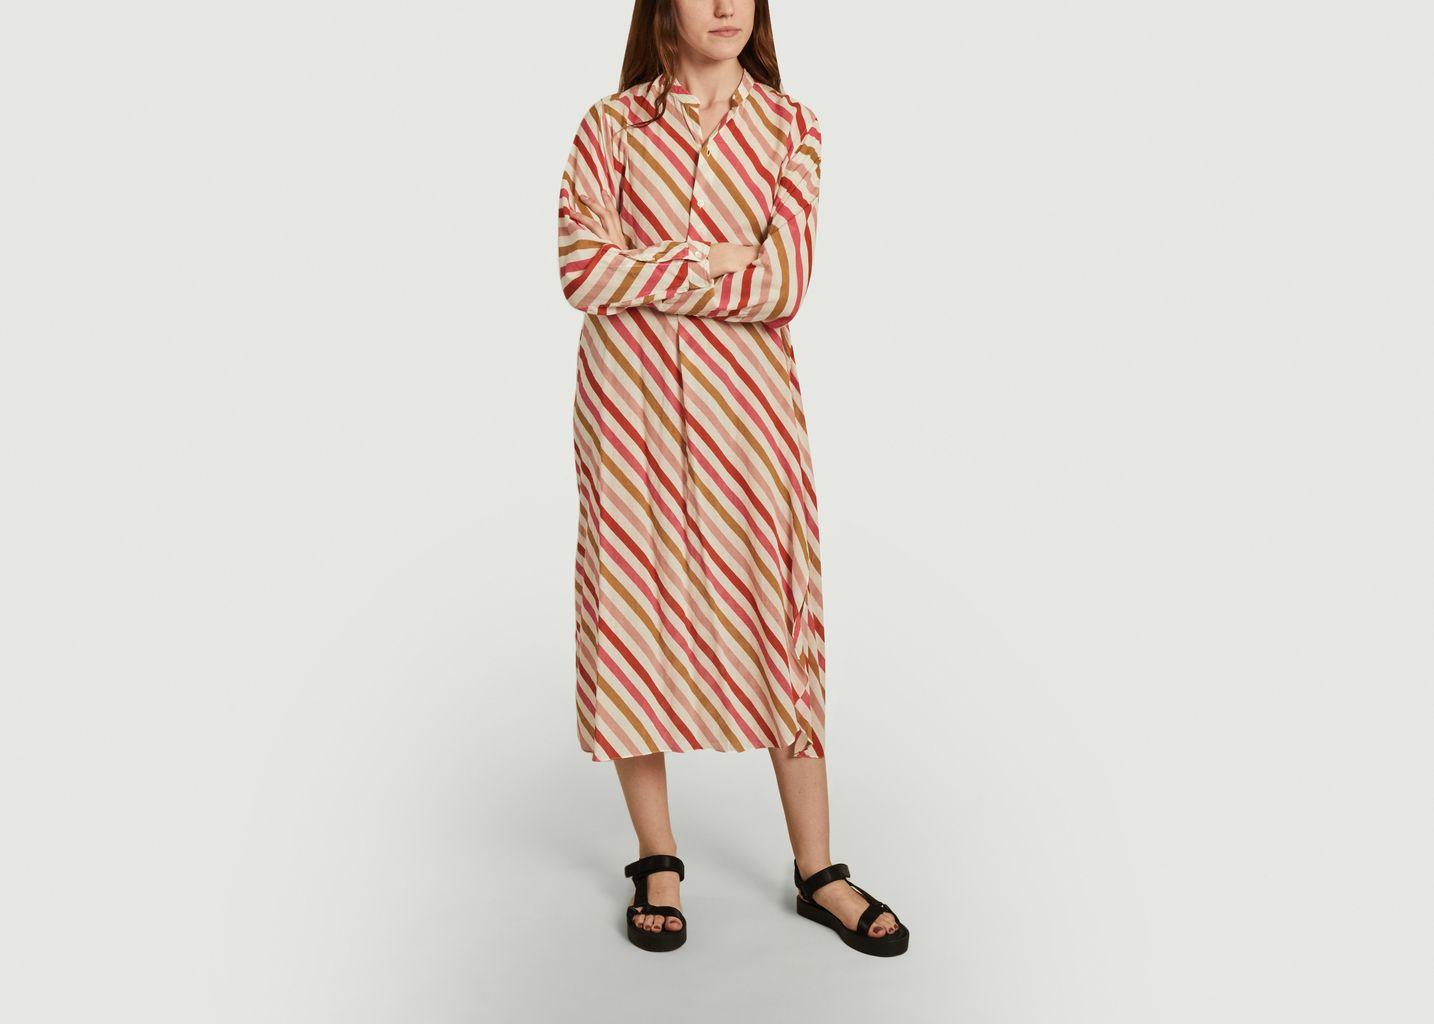 Robe tunique n°515 - Moismont